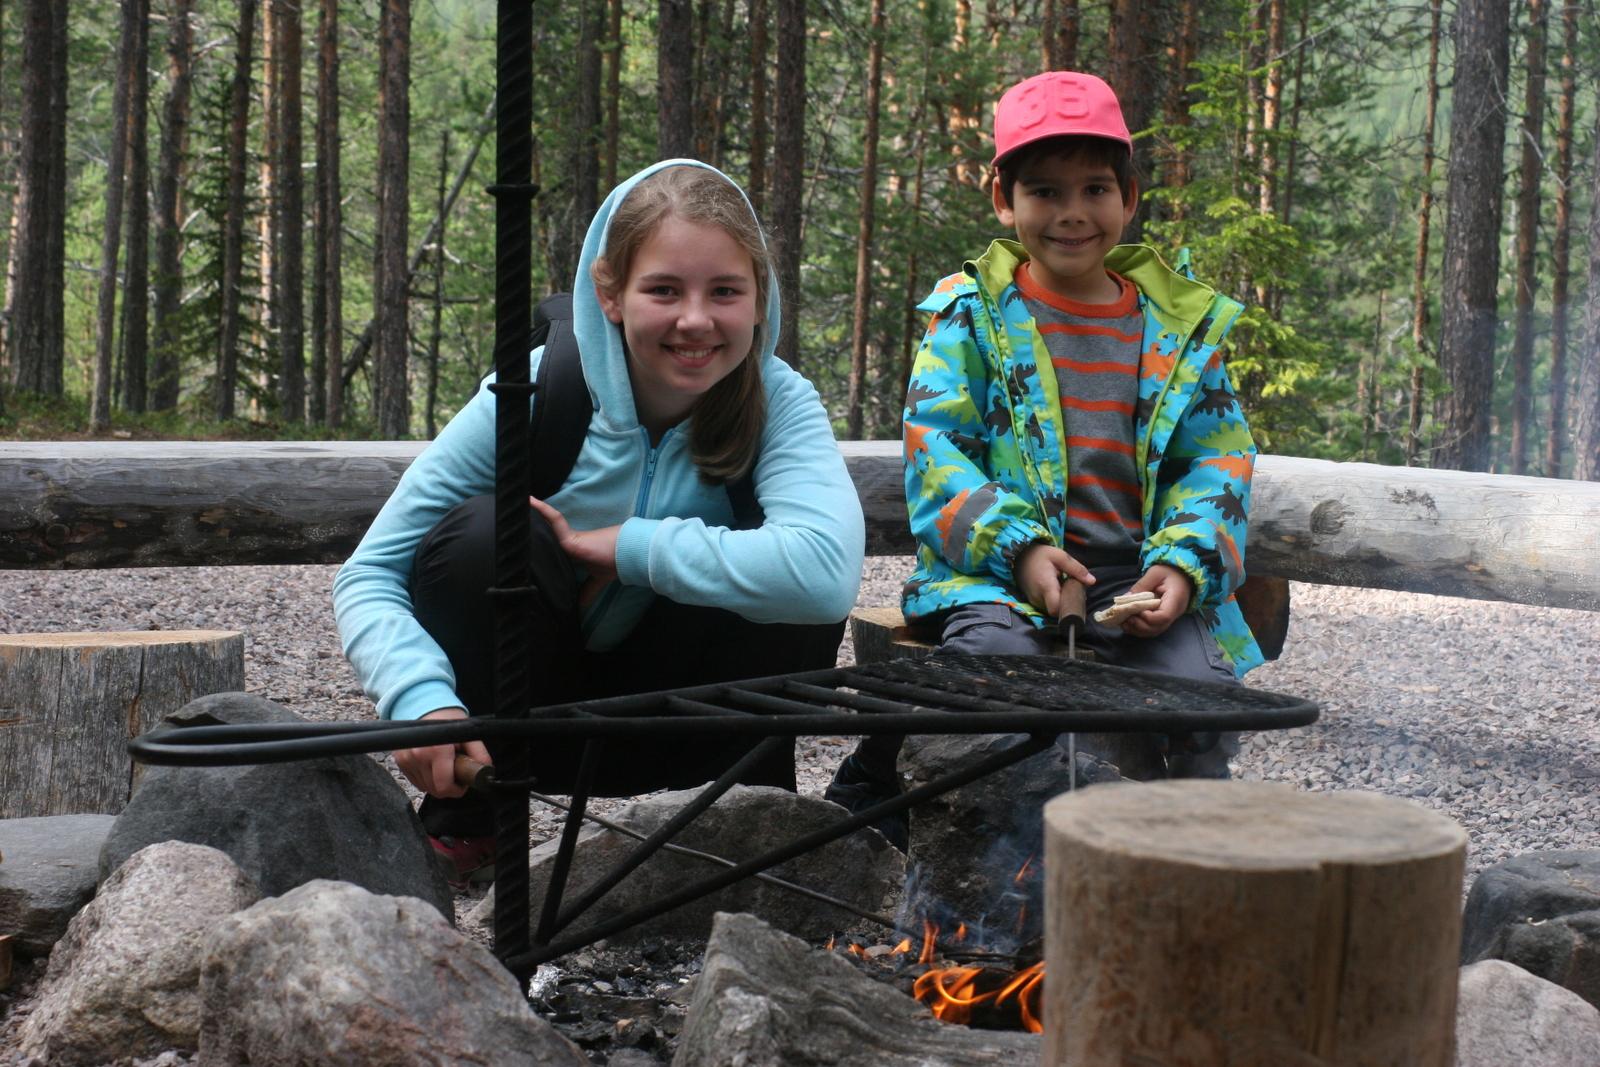 Oulangan kansallispuisto. Edelliset retkeilijät jättivät meille tulet.